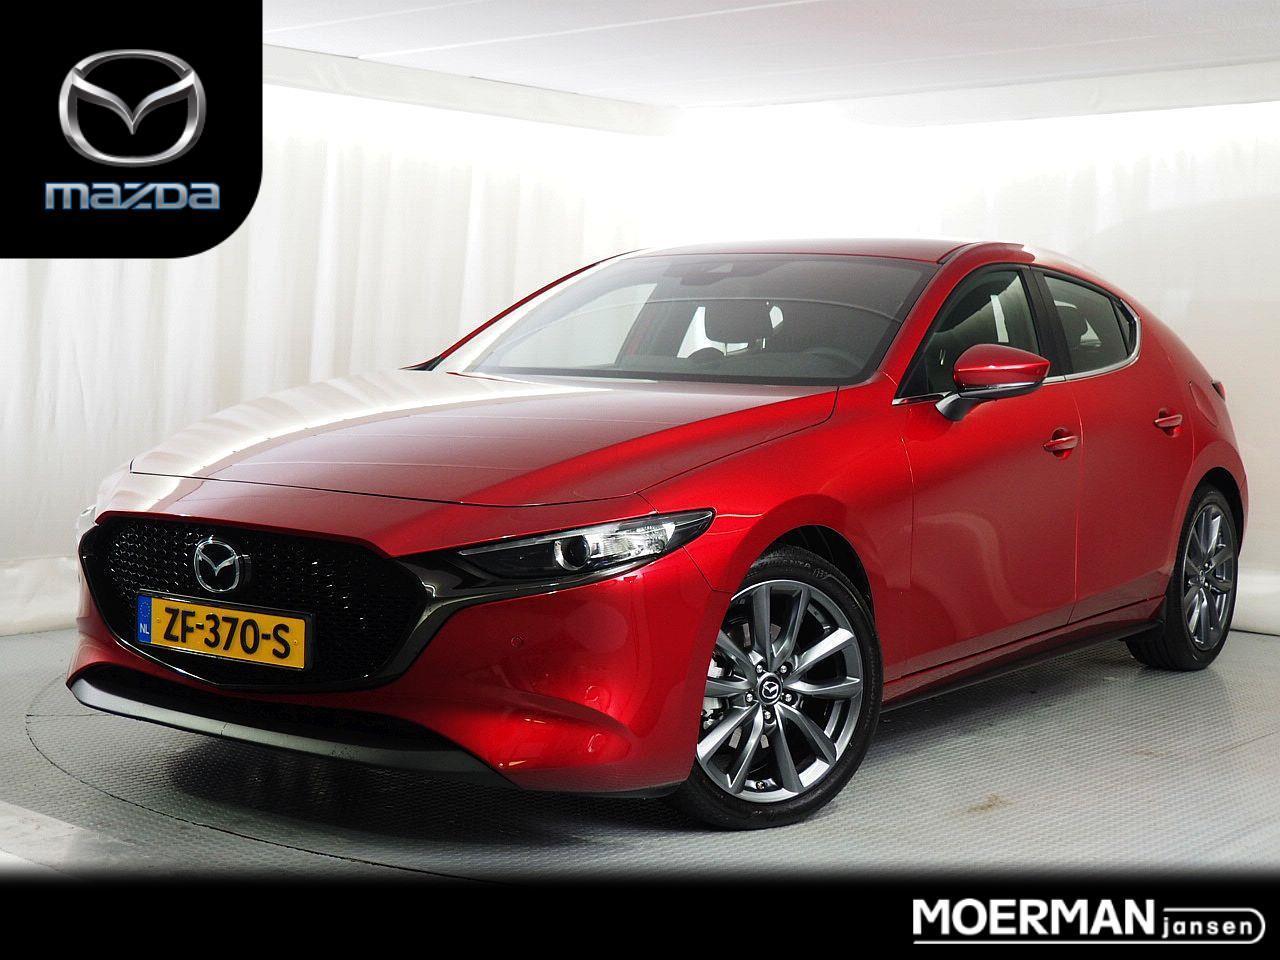 Mazda 3 2.0 comfort / hatchback / 11.000km / navigatie / trekhaak / bose installatie / nieuw model